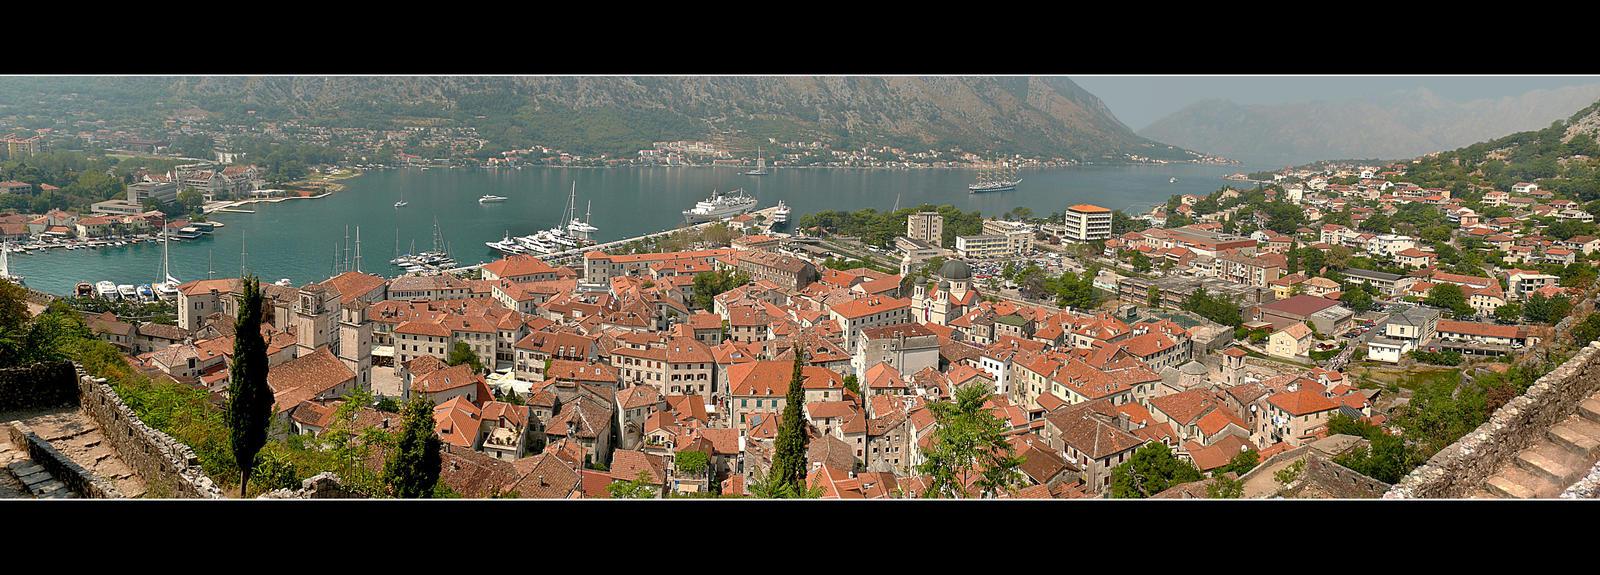 Kotor City Panorama - Montenegro by skarzynscy